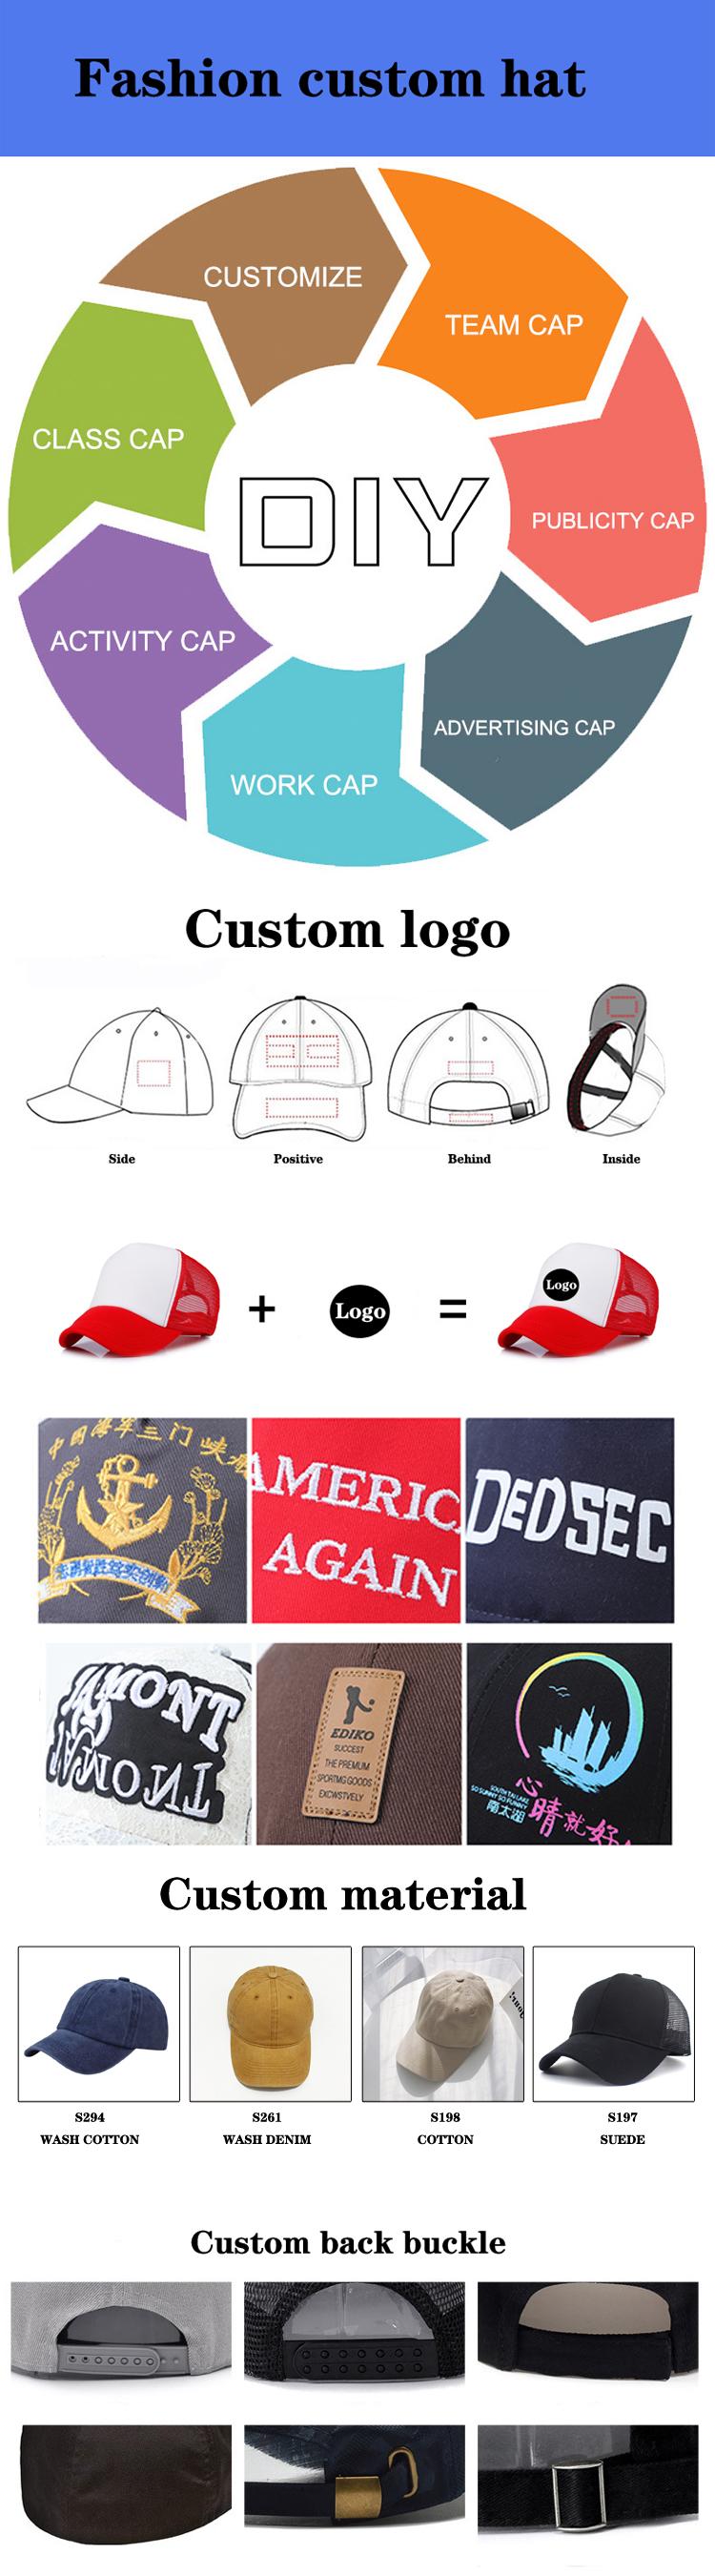 2020 donald trump mantenere in america grande bandiera protezione della sfera del cappello con aquila per trump